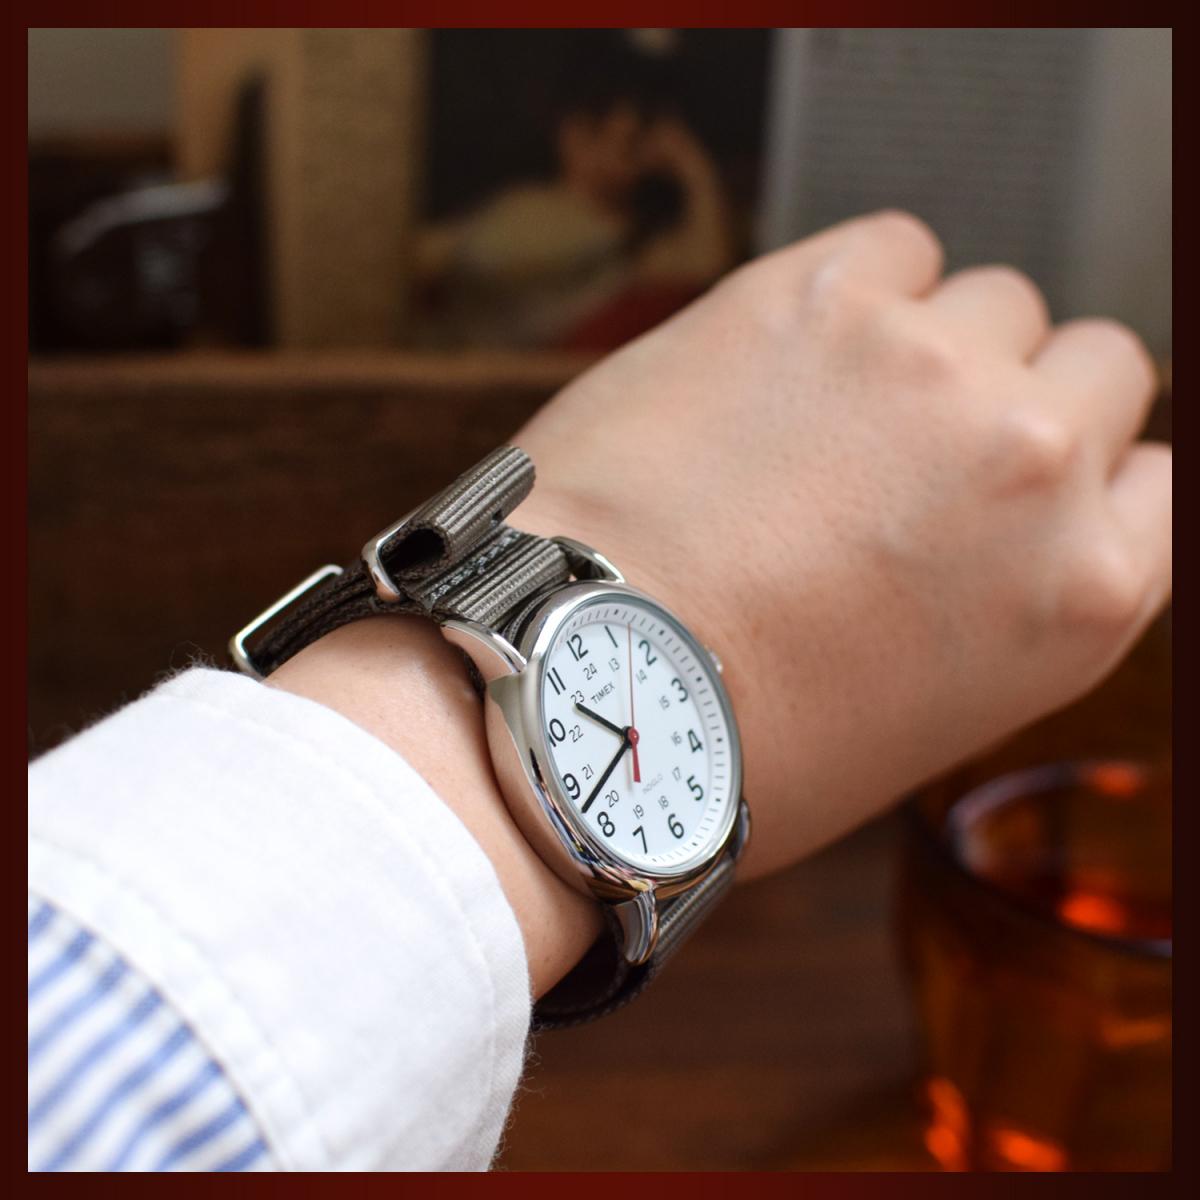 時計ベルト NATO ゴールドバックル ショートサイズ カーキブラウン 20mm 取付けマニュアル _画像9